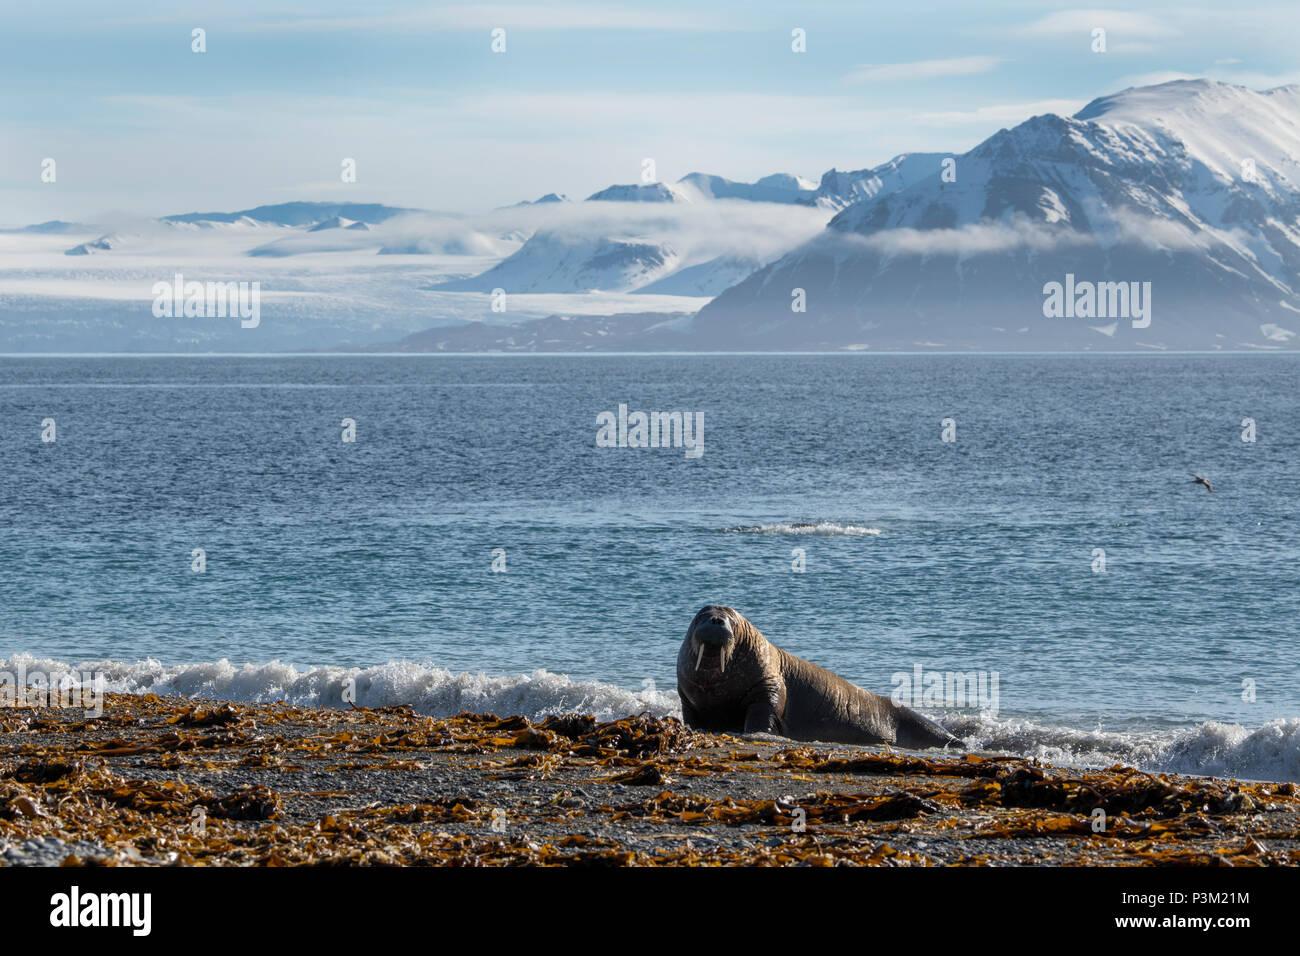 Norway, Svalbard, Spitsbergen, Isfjord, Poolepynten. Atlantic walrus (Odobenus rosmarus rosmarus) coastal haul out. - Stock Image